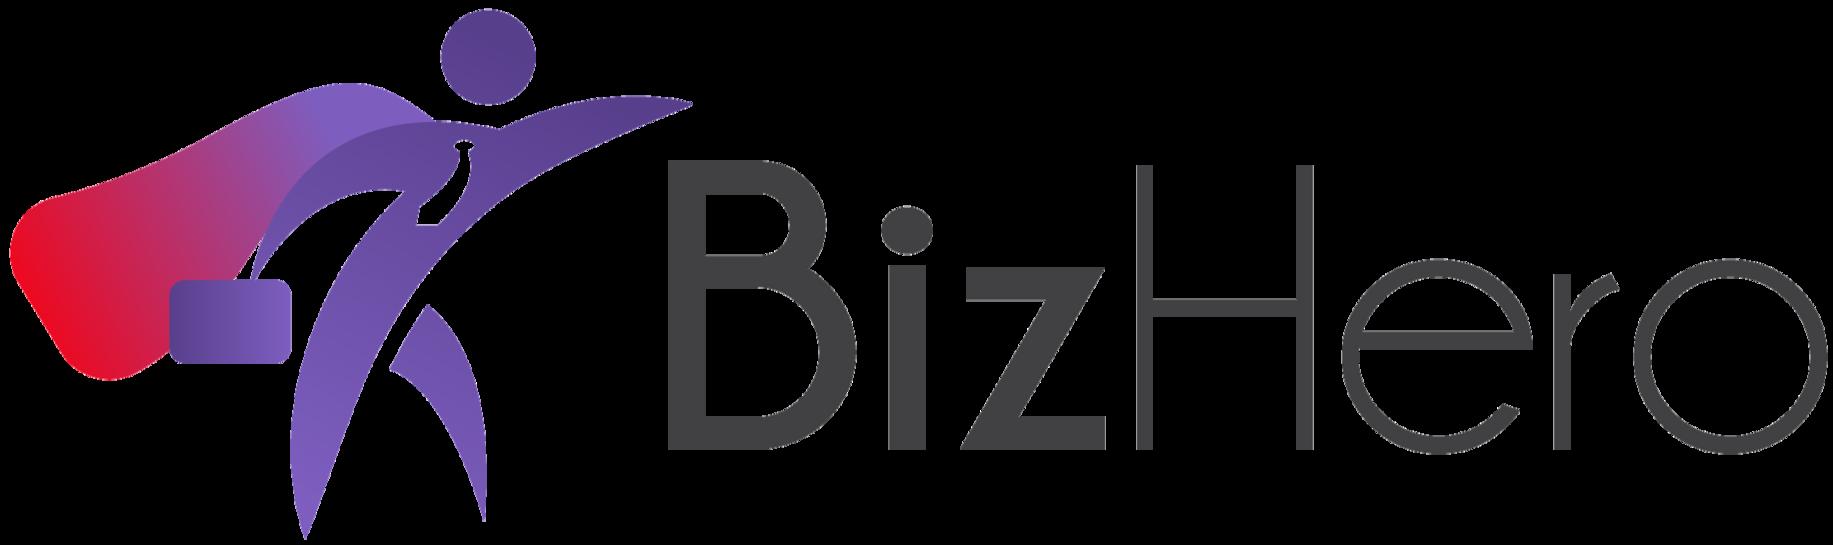 Bizhero pty ltd  logo